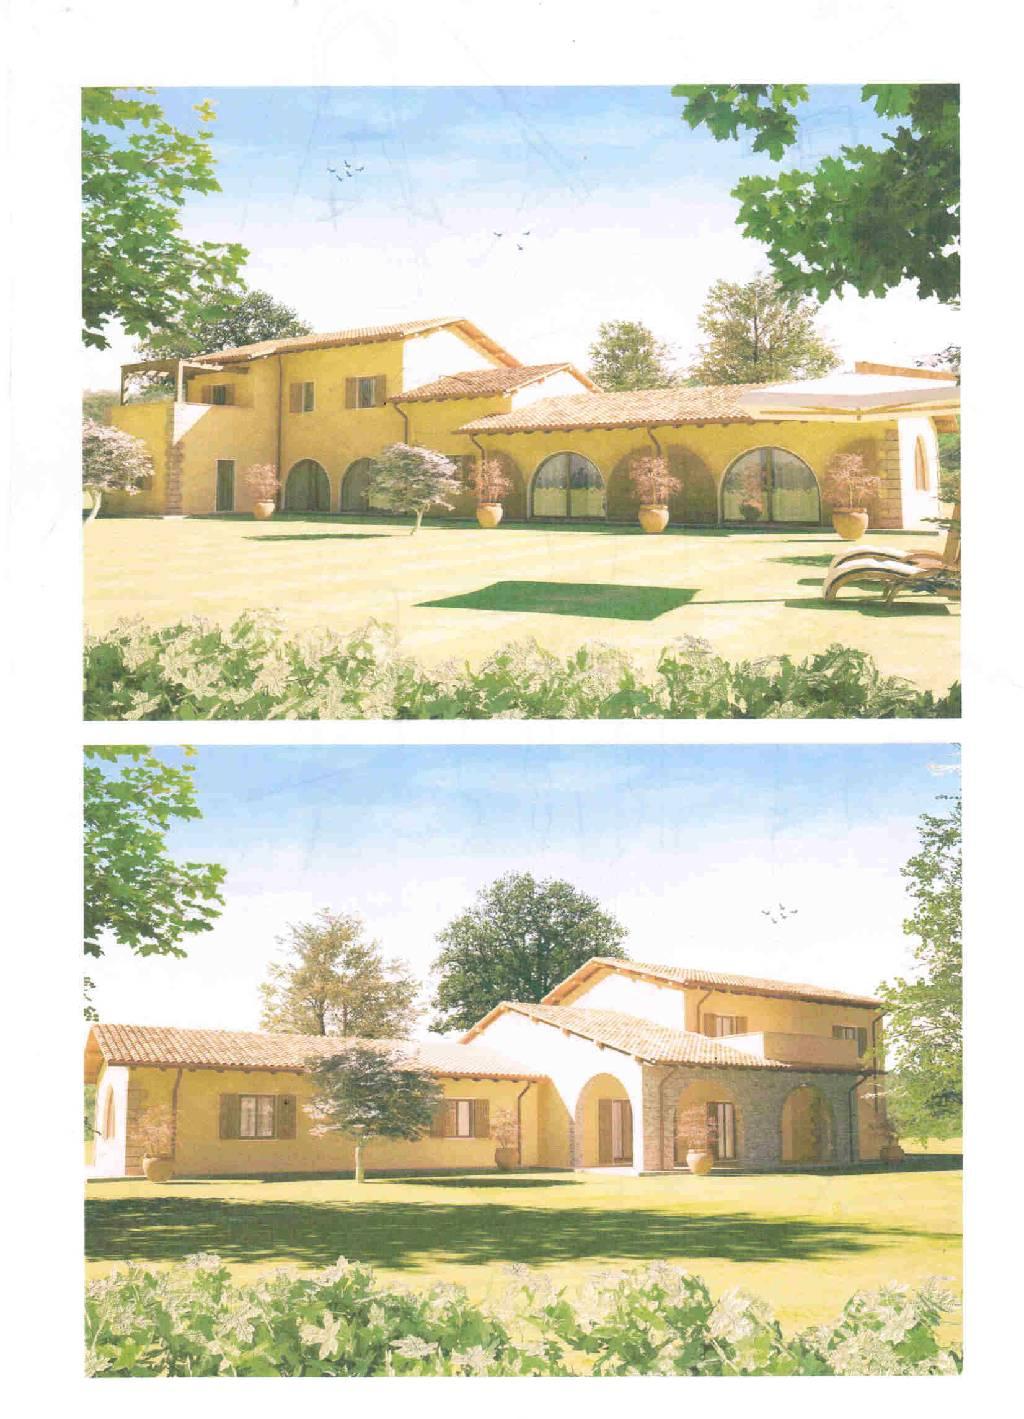 Rustico/Casale/Corte MONTALTO DI CASTRO VRC1300